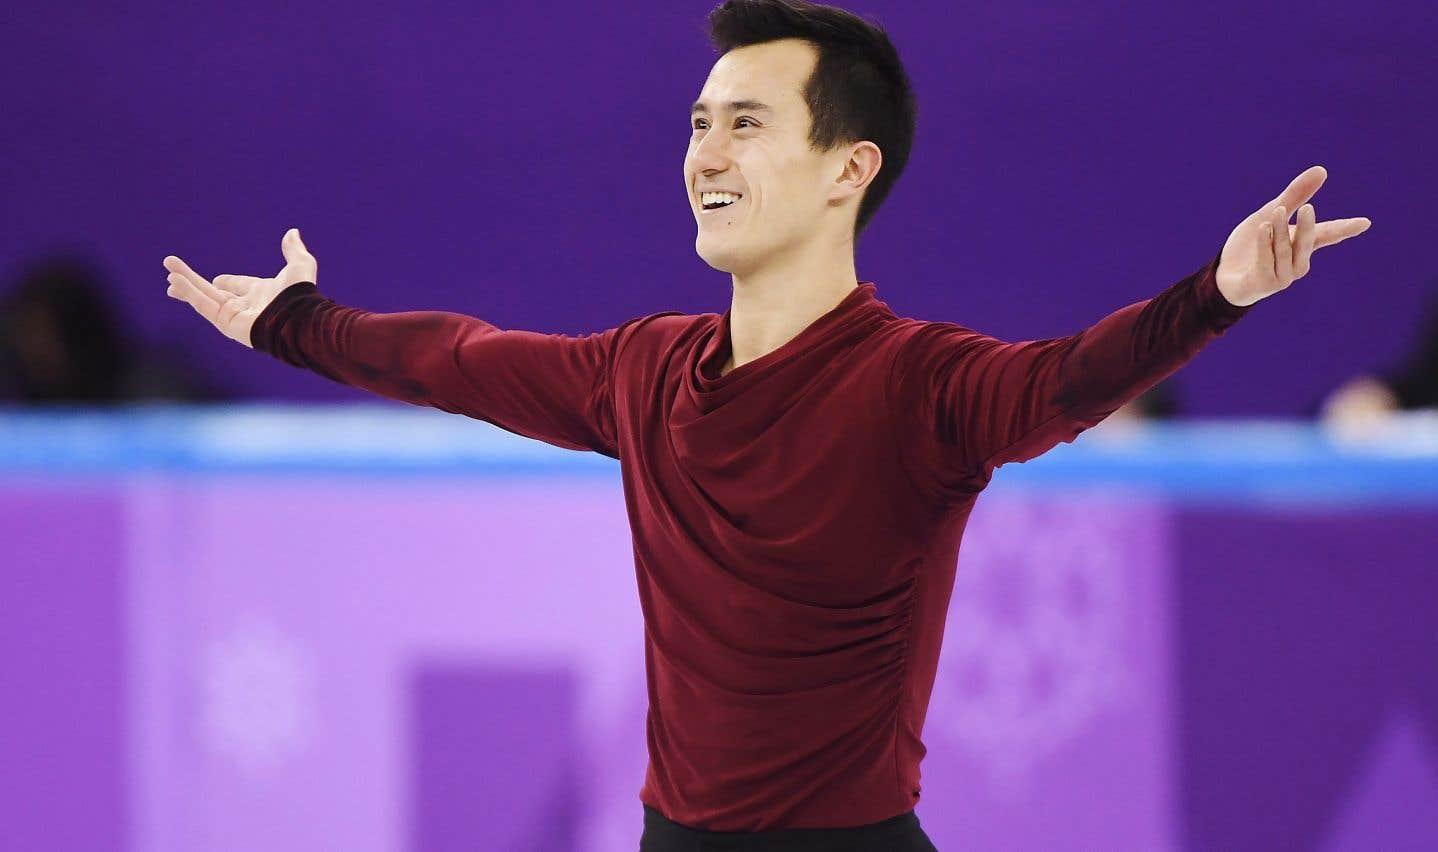 Une grande performance des patineurs canadiens à Pyeongchang